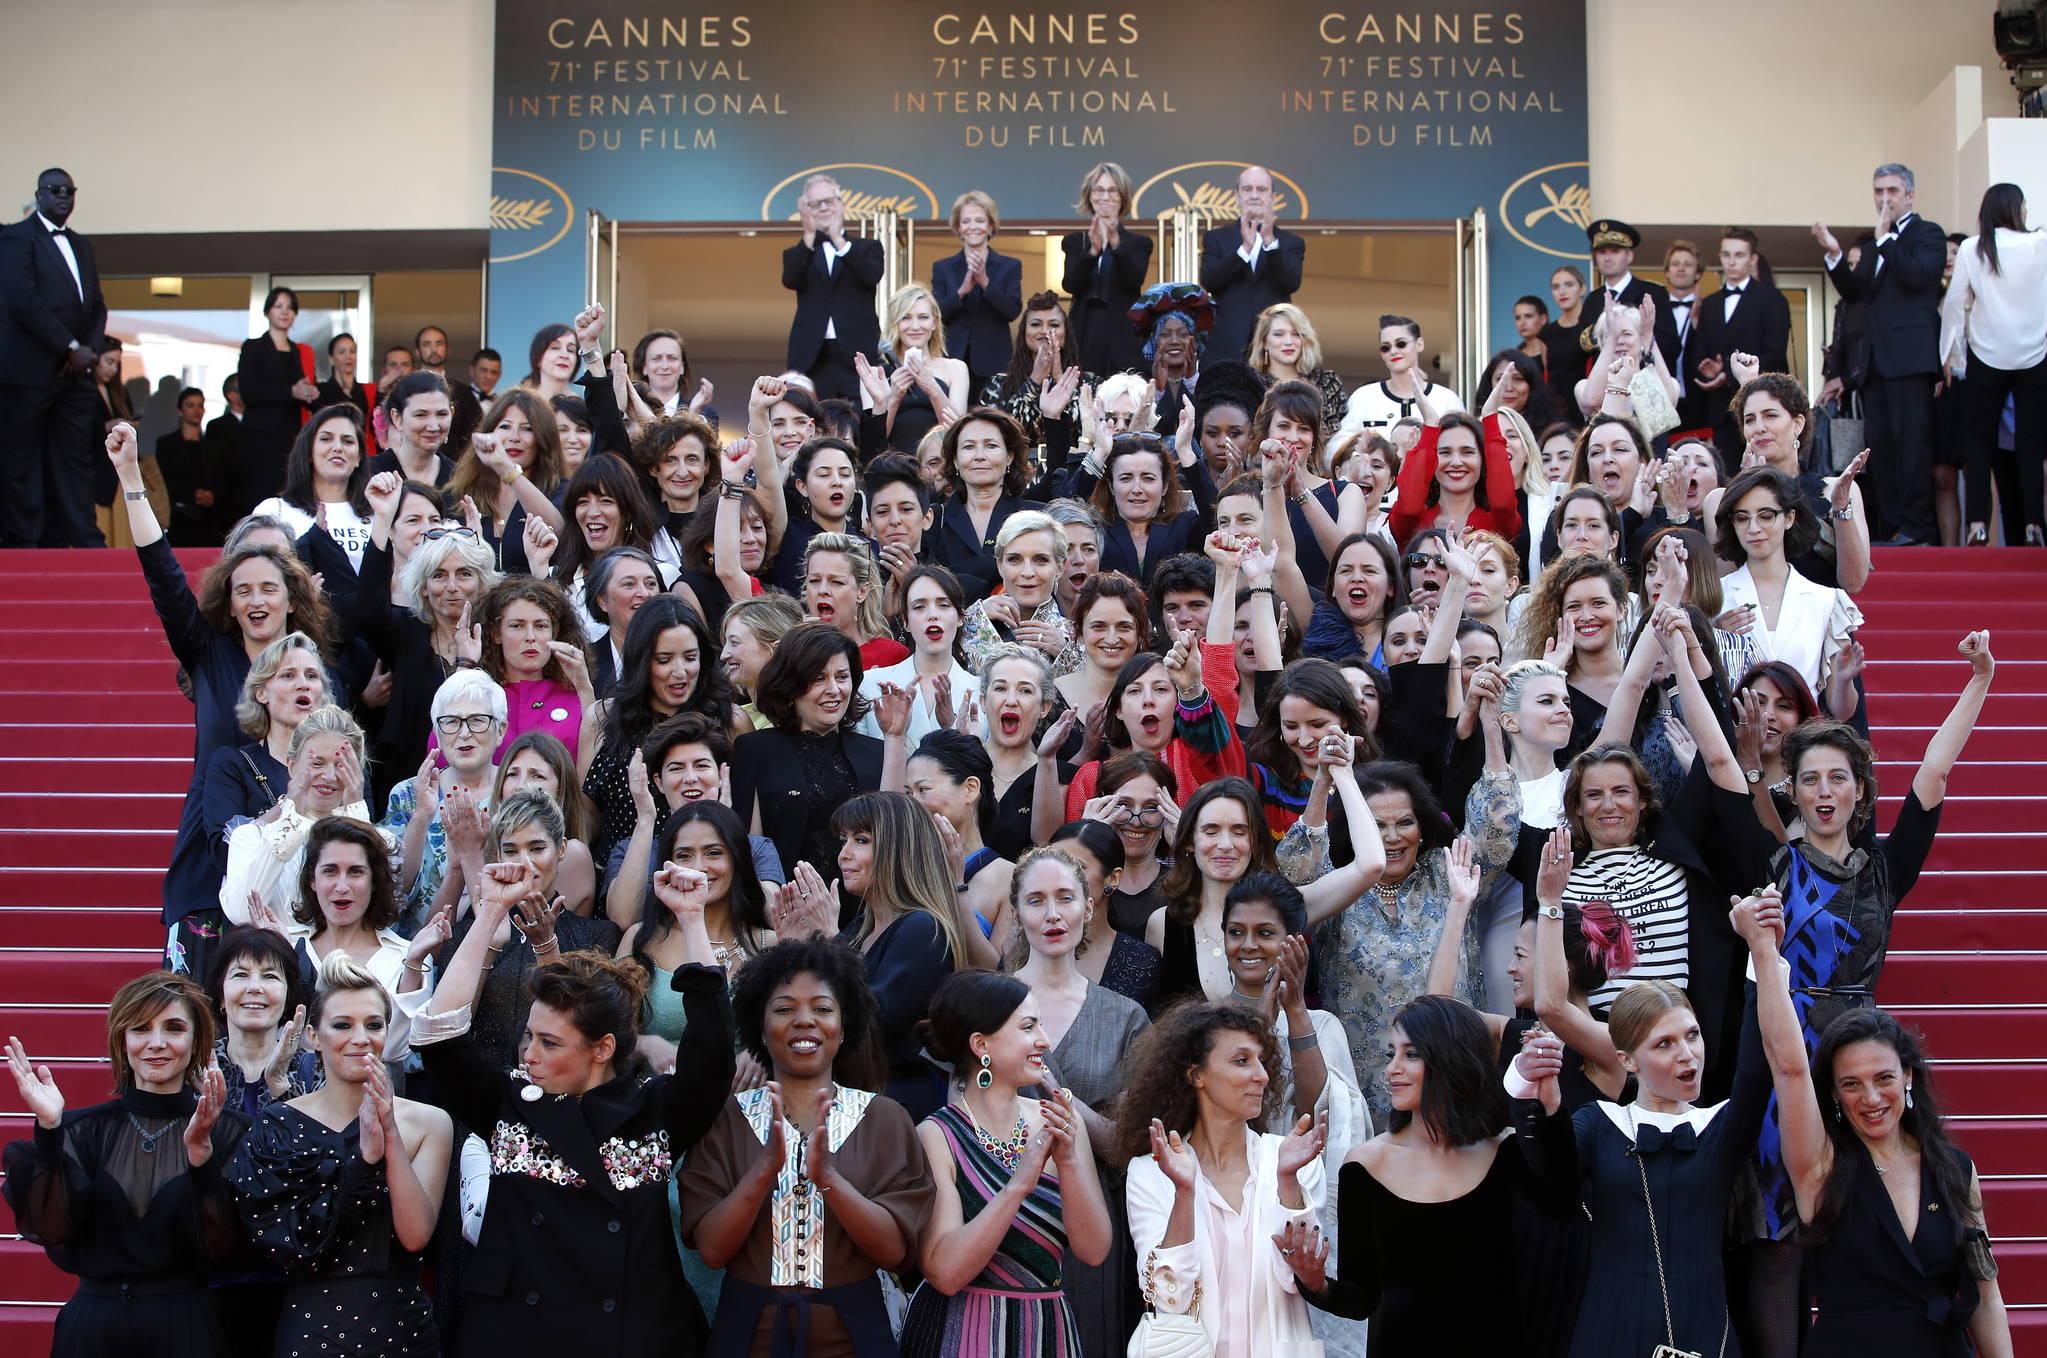 제71회 칸국제영화제에 참가한 82인의 여성 영화인들이 12일(현지시간) 다함께 레드카펫에 올라 영화계 성평등을 위한 메시지를 전했다. [EPA=연합뉴스]